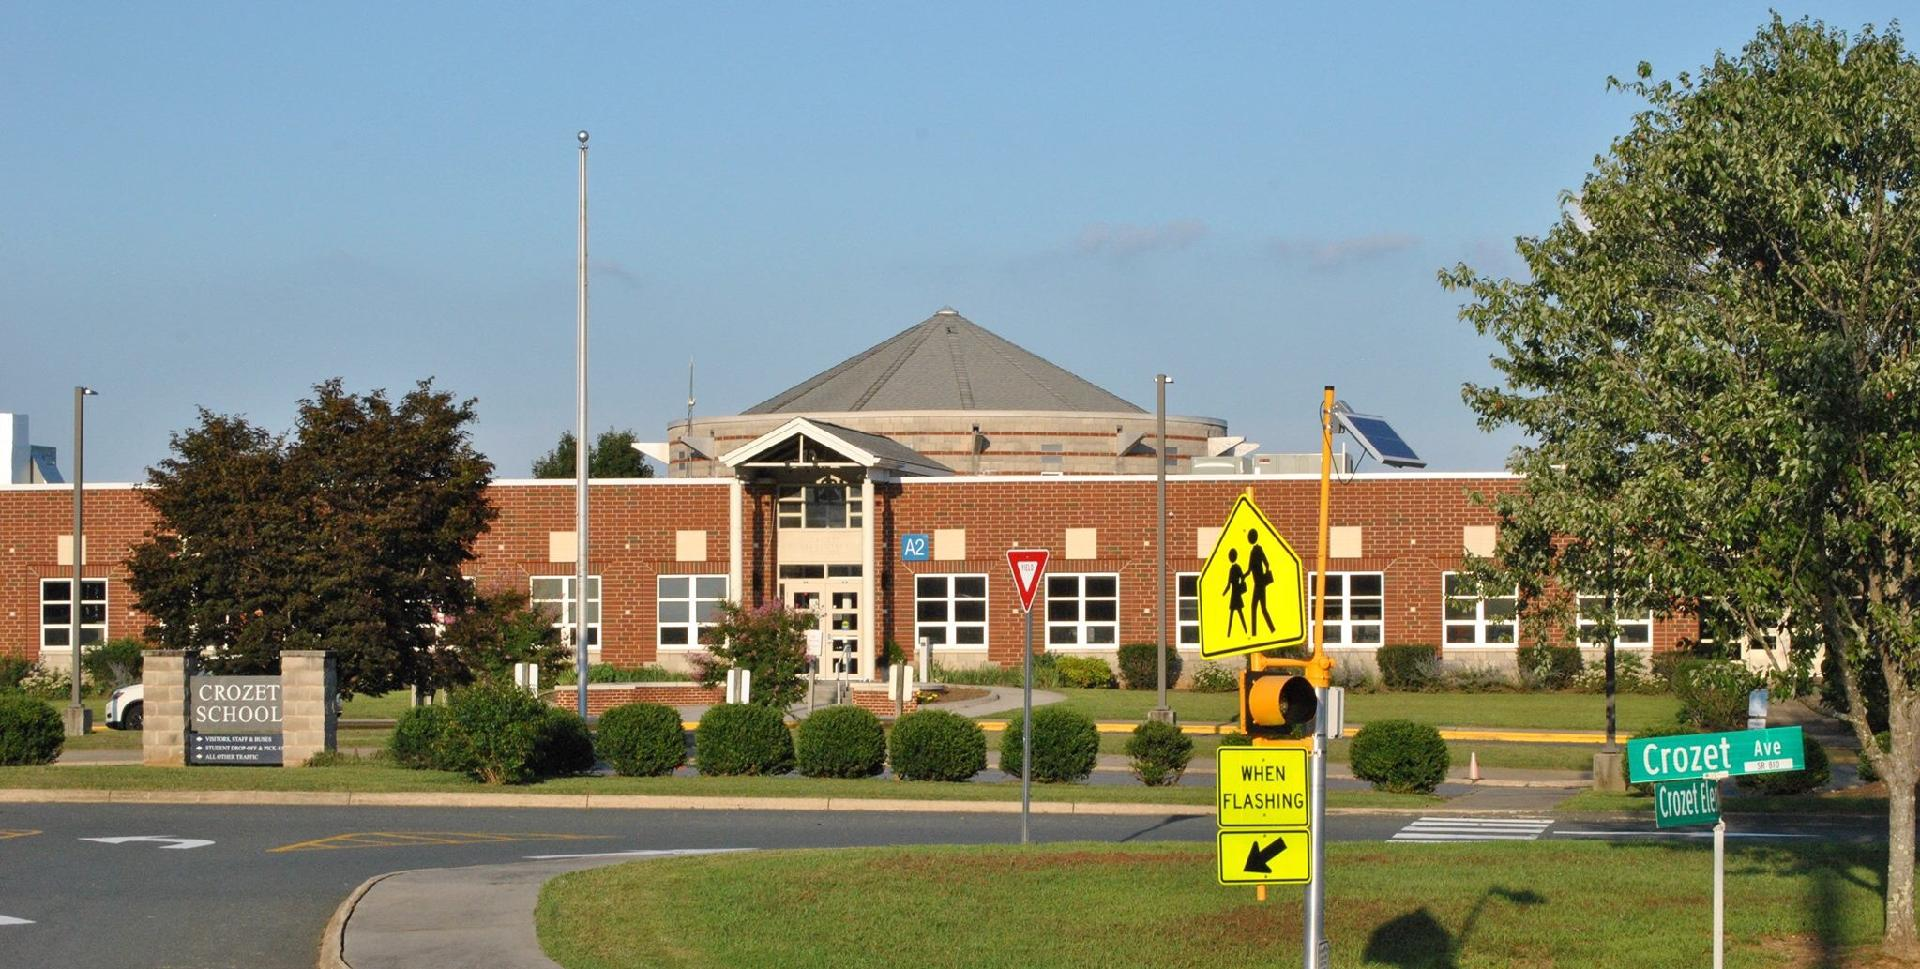 Crozet Elementary School PTO